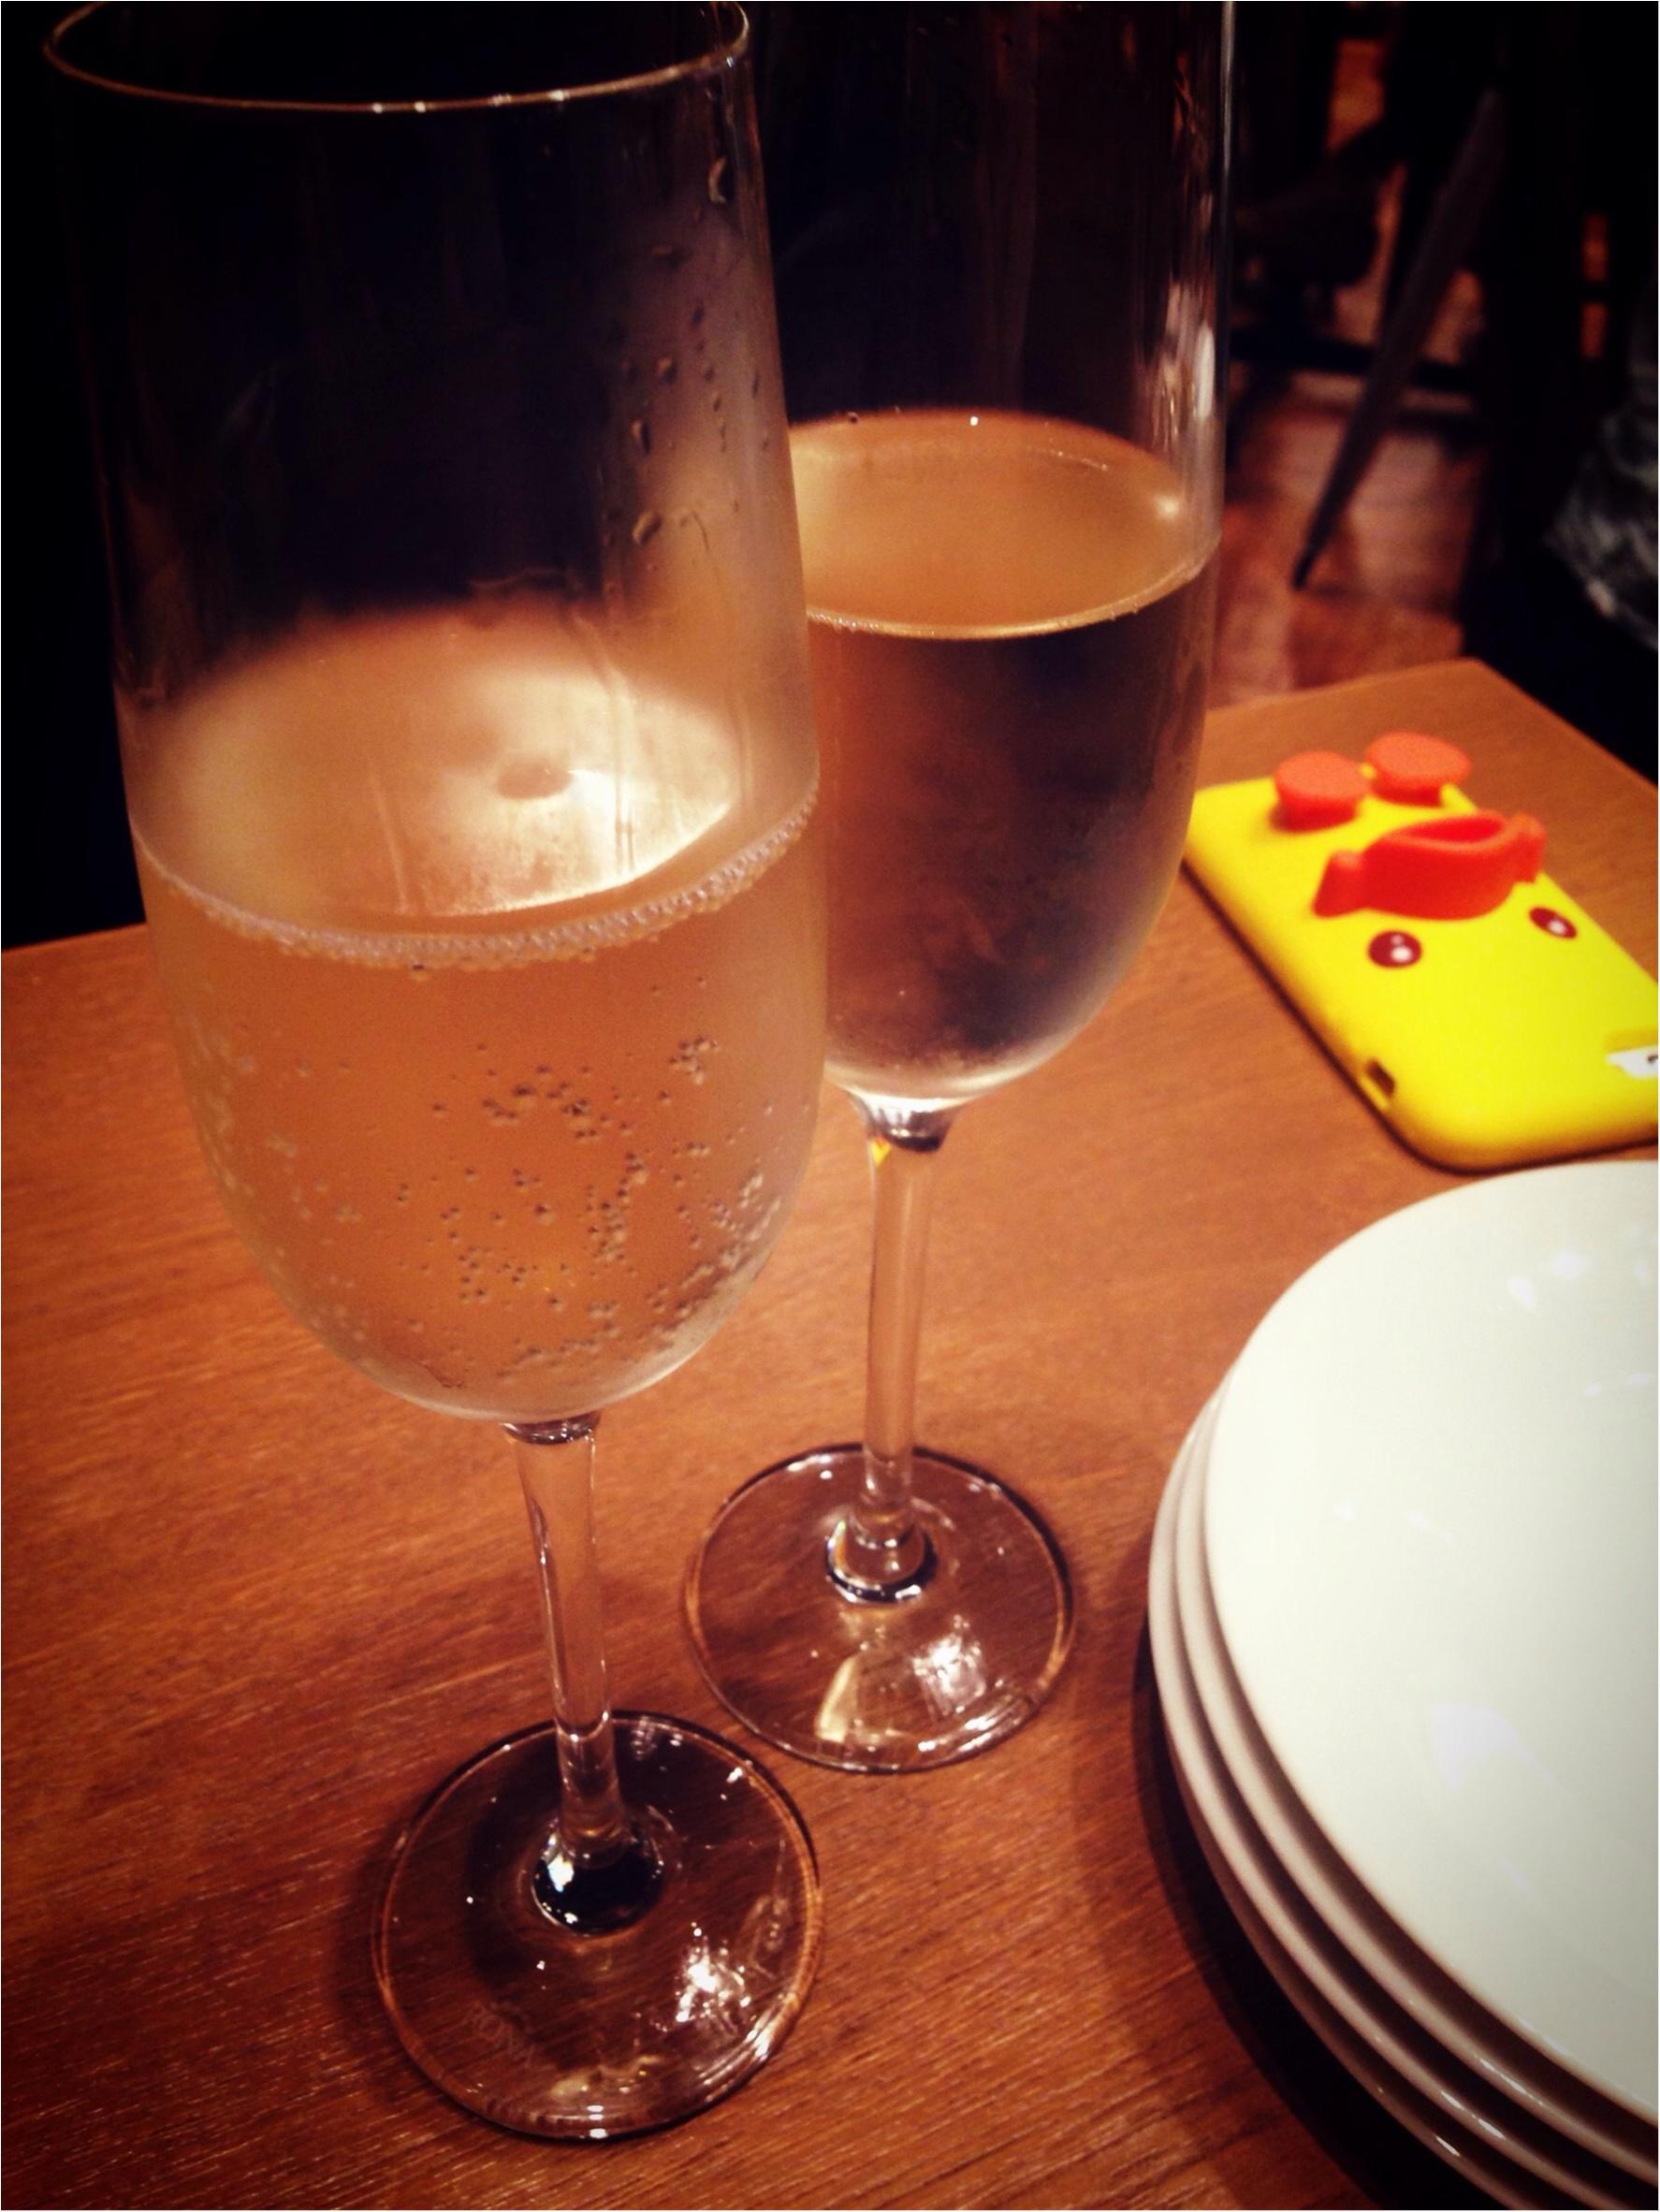 ホントは教えたくない❤️ダイエットに最適な外食店★【ロカボ】成城石井プロデュースのワインと料理が超絶おいしいお店_5